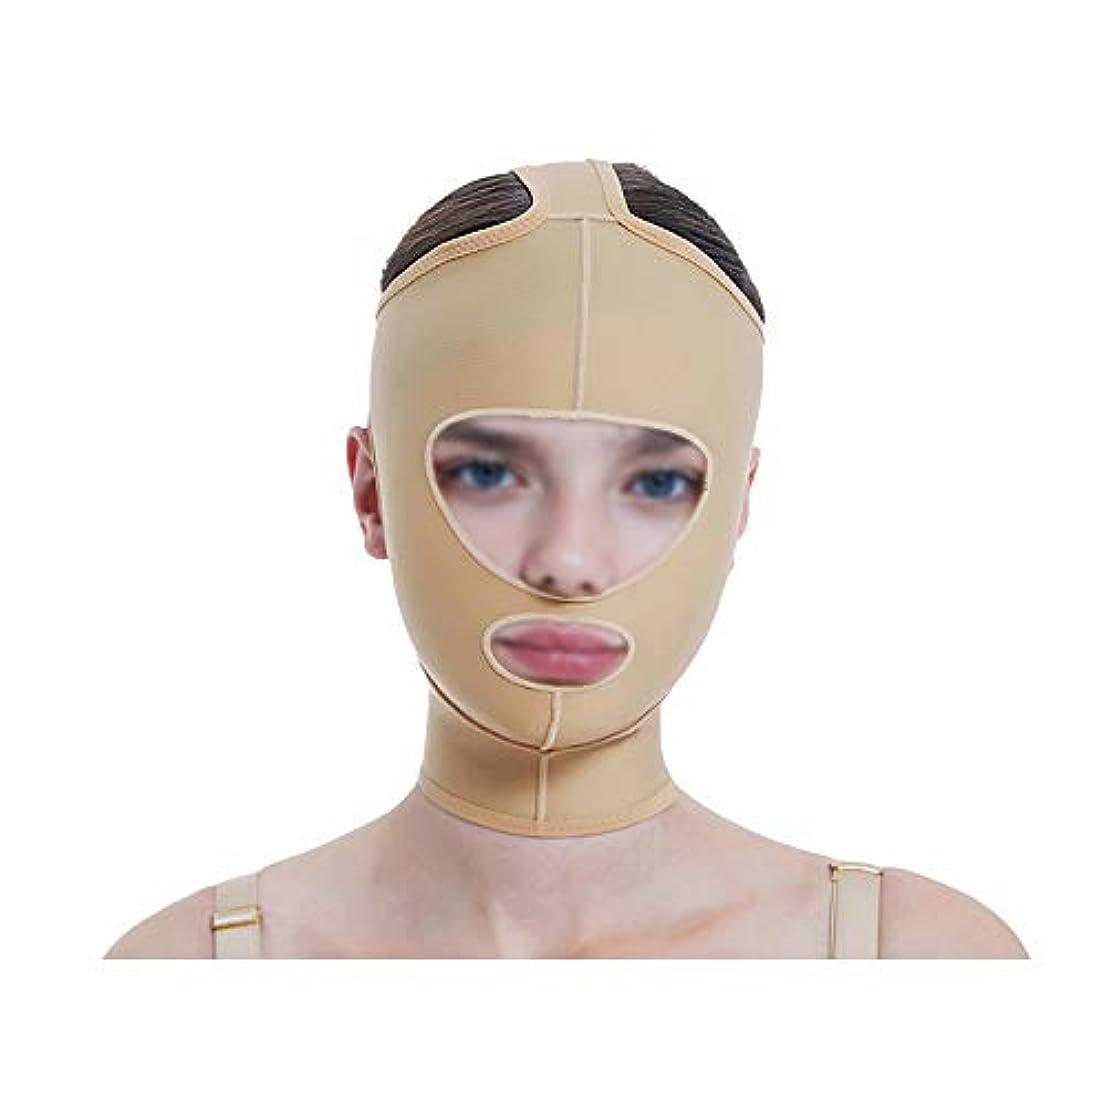 考案する証人維持するGLJJQMY 顔と首のリフト痩身マスクの顔の彫刻の顔の弾性スーツ薄い二重あごのアーティファクトV顔のビーム表面 顔用整形マスク (Size : XS)